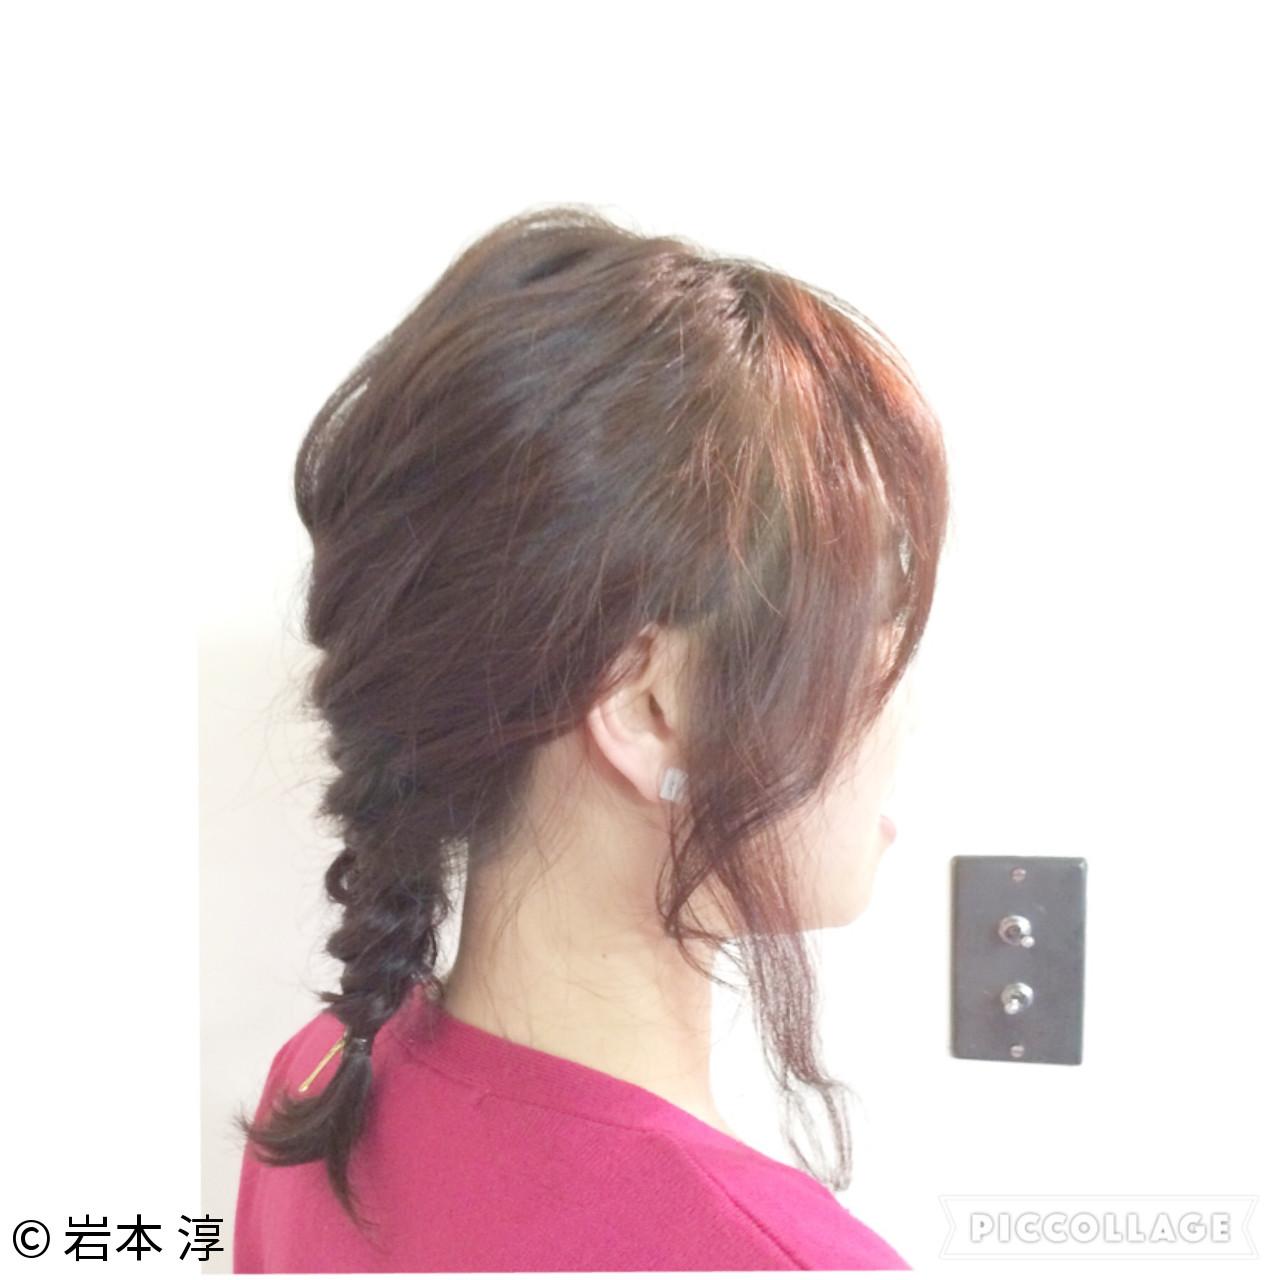 簡単ヘアアレンジ フィッシュボーン 編み込み セミロング ヘアスタイルや髪型の写真・画像